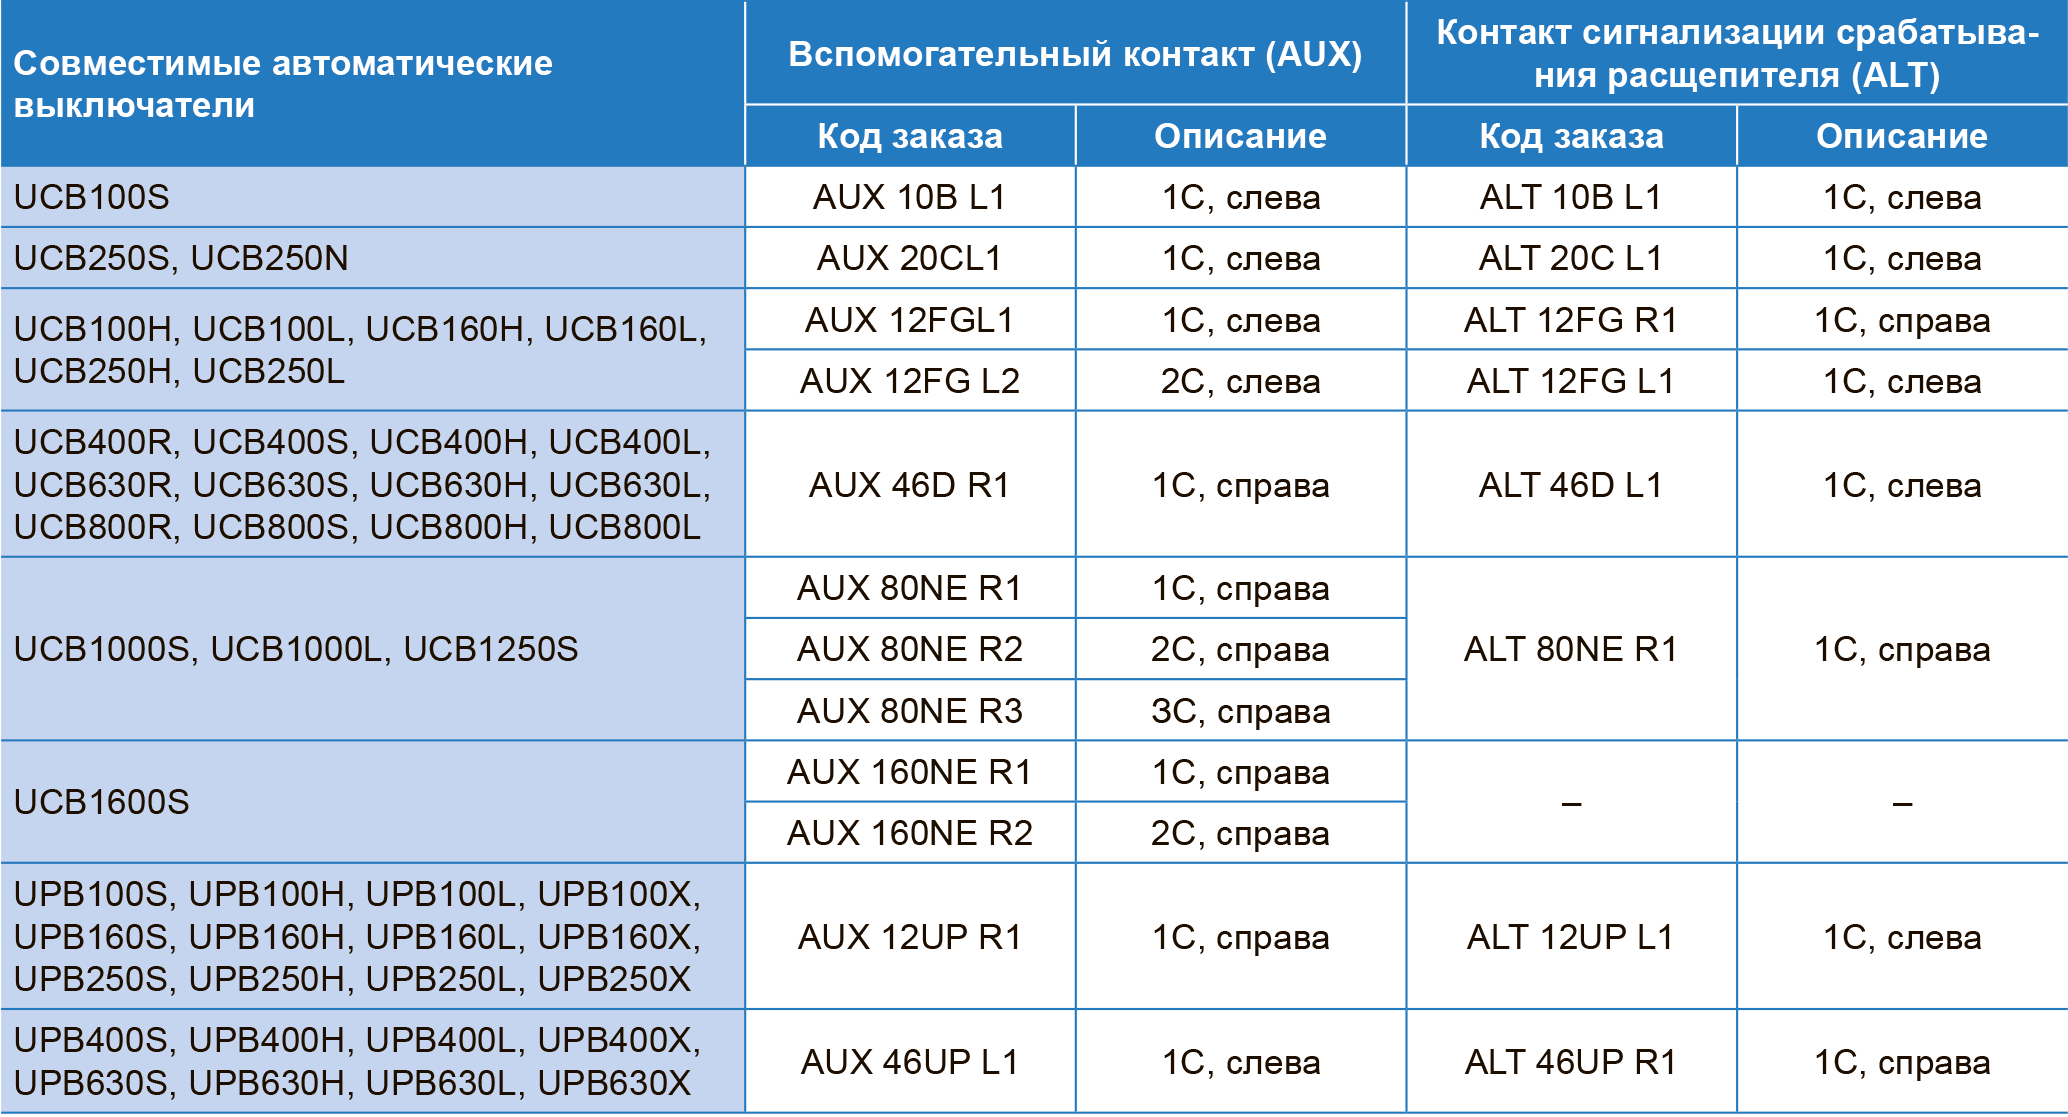 Вспомогательный контакт (AUX) и контакт сигнализации срабатывания расцепителя (ALT) для автоматических выключателей серий UCB, UPB ЧЭАЗ